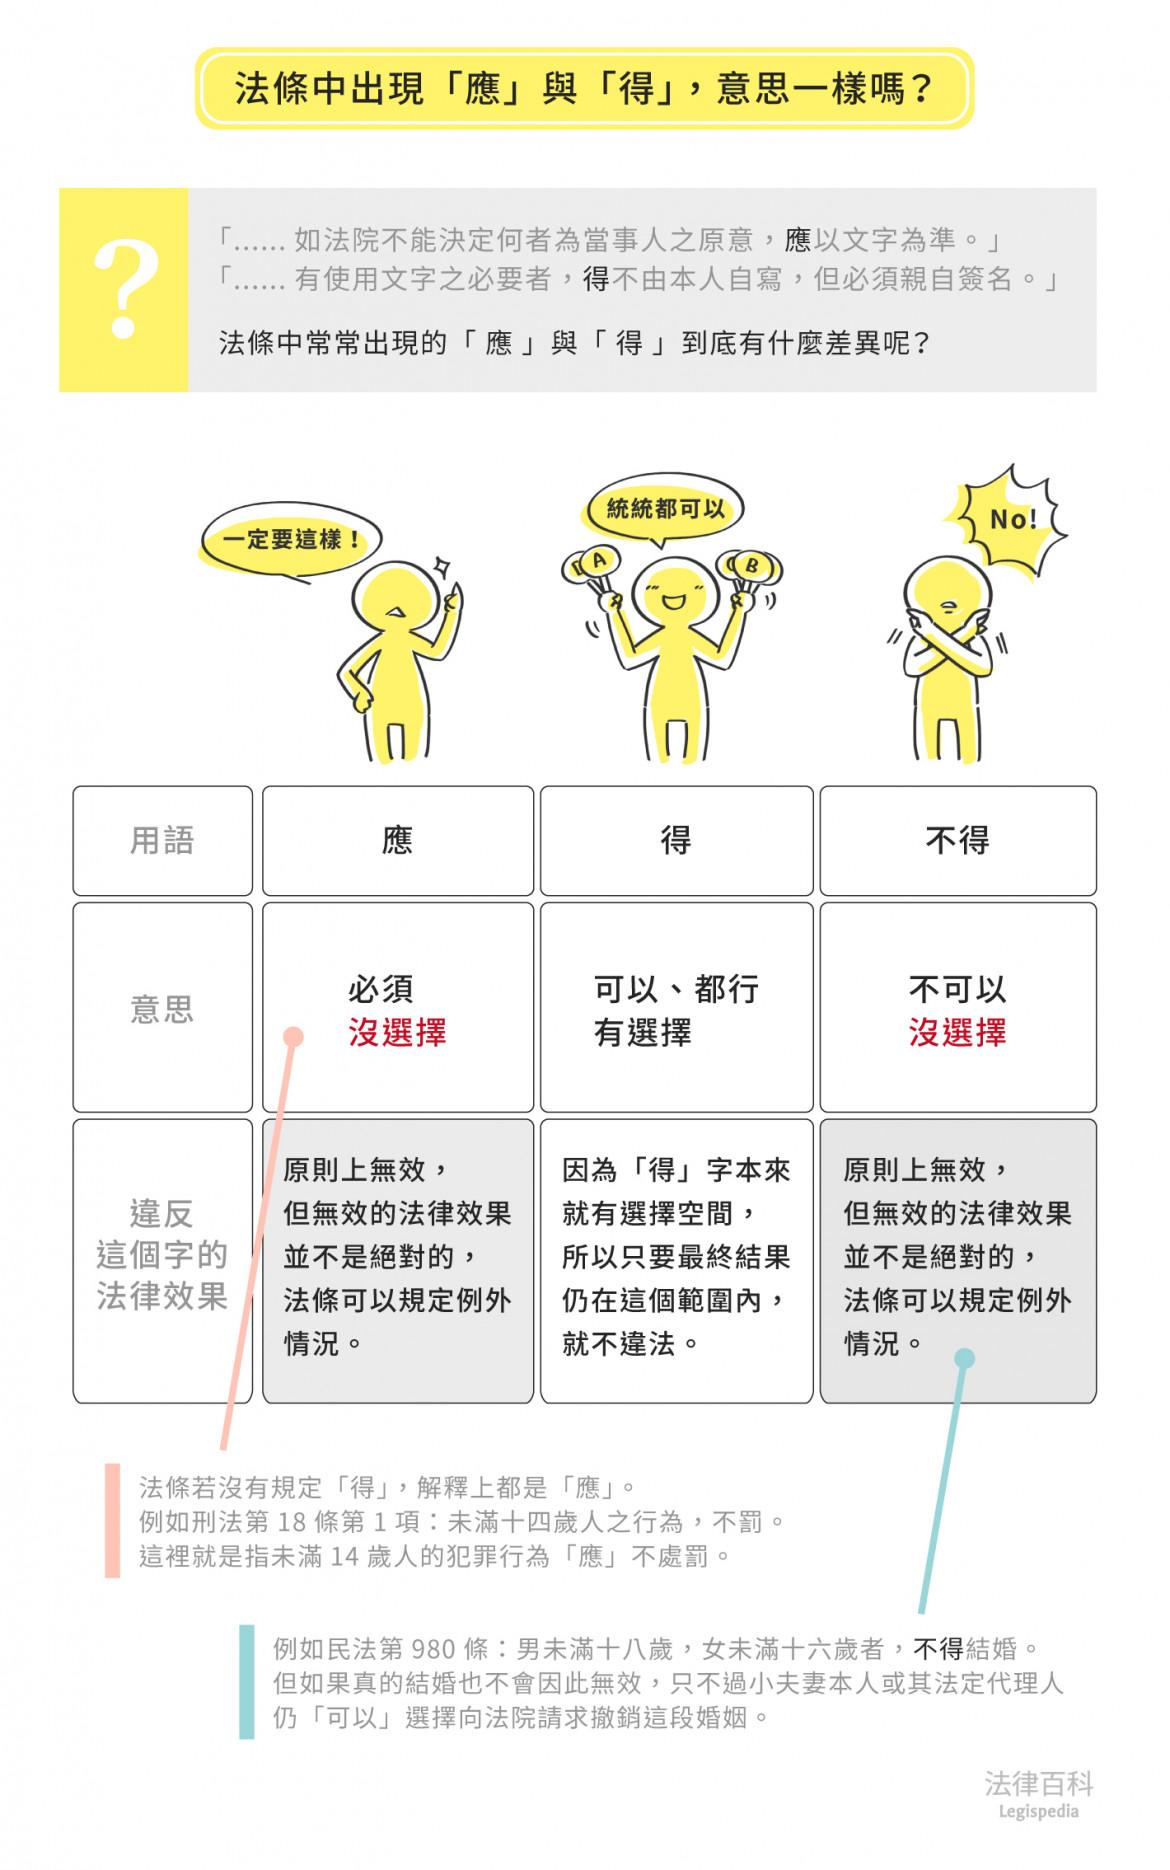 圖1 法條中出現「應」與「得」,意思一樣嗎?   資料來源:楊舒婷 / 繪圖:Yen